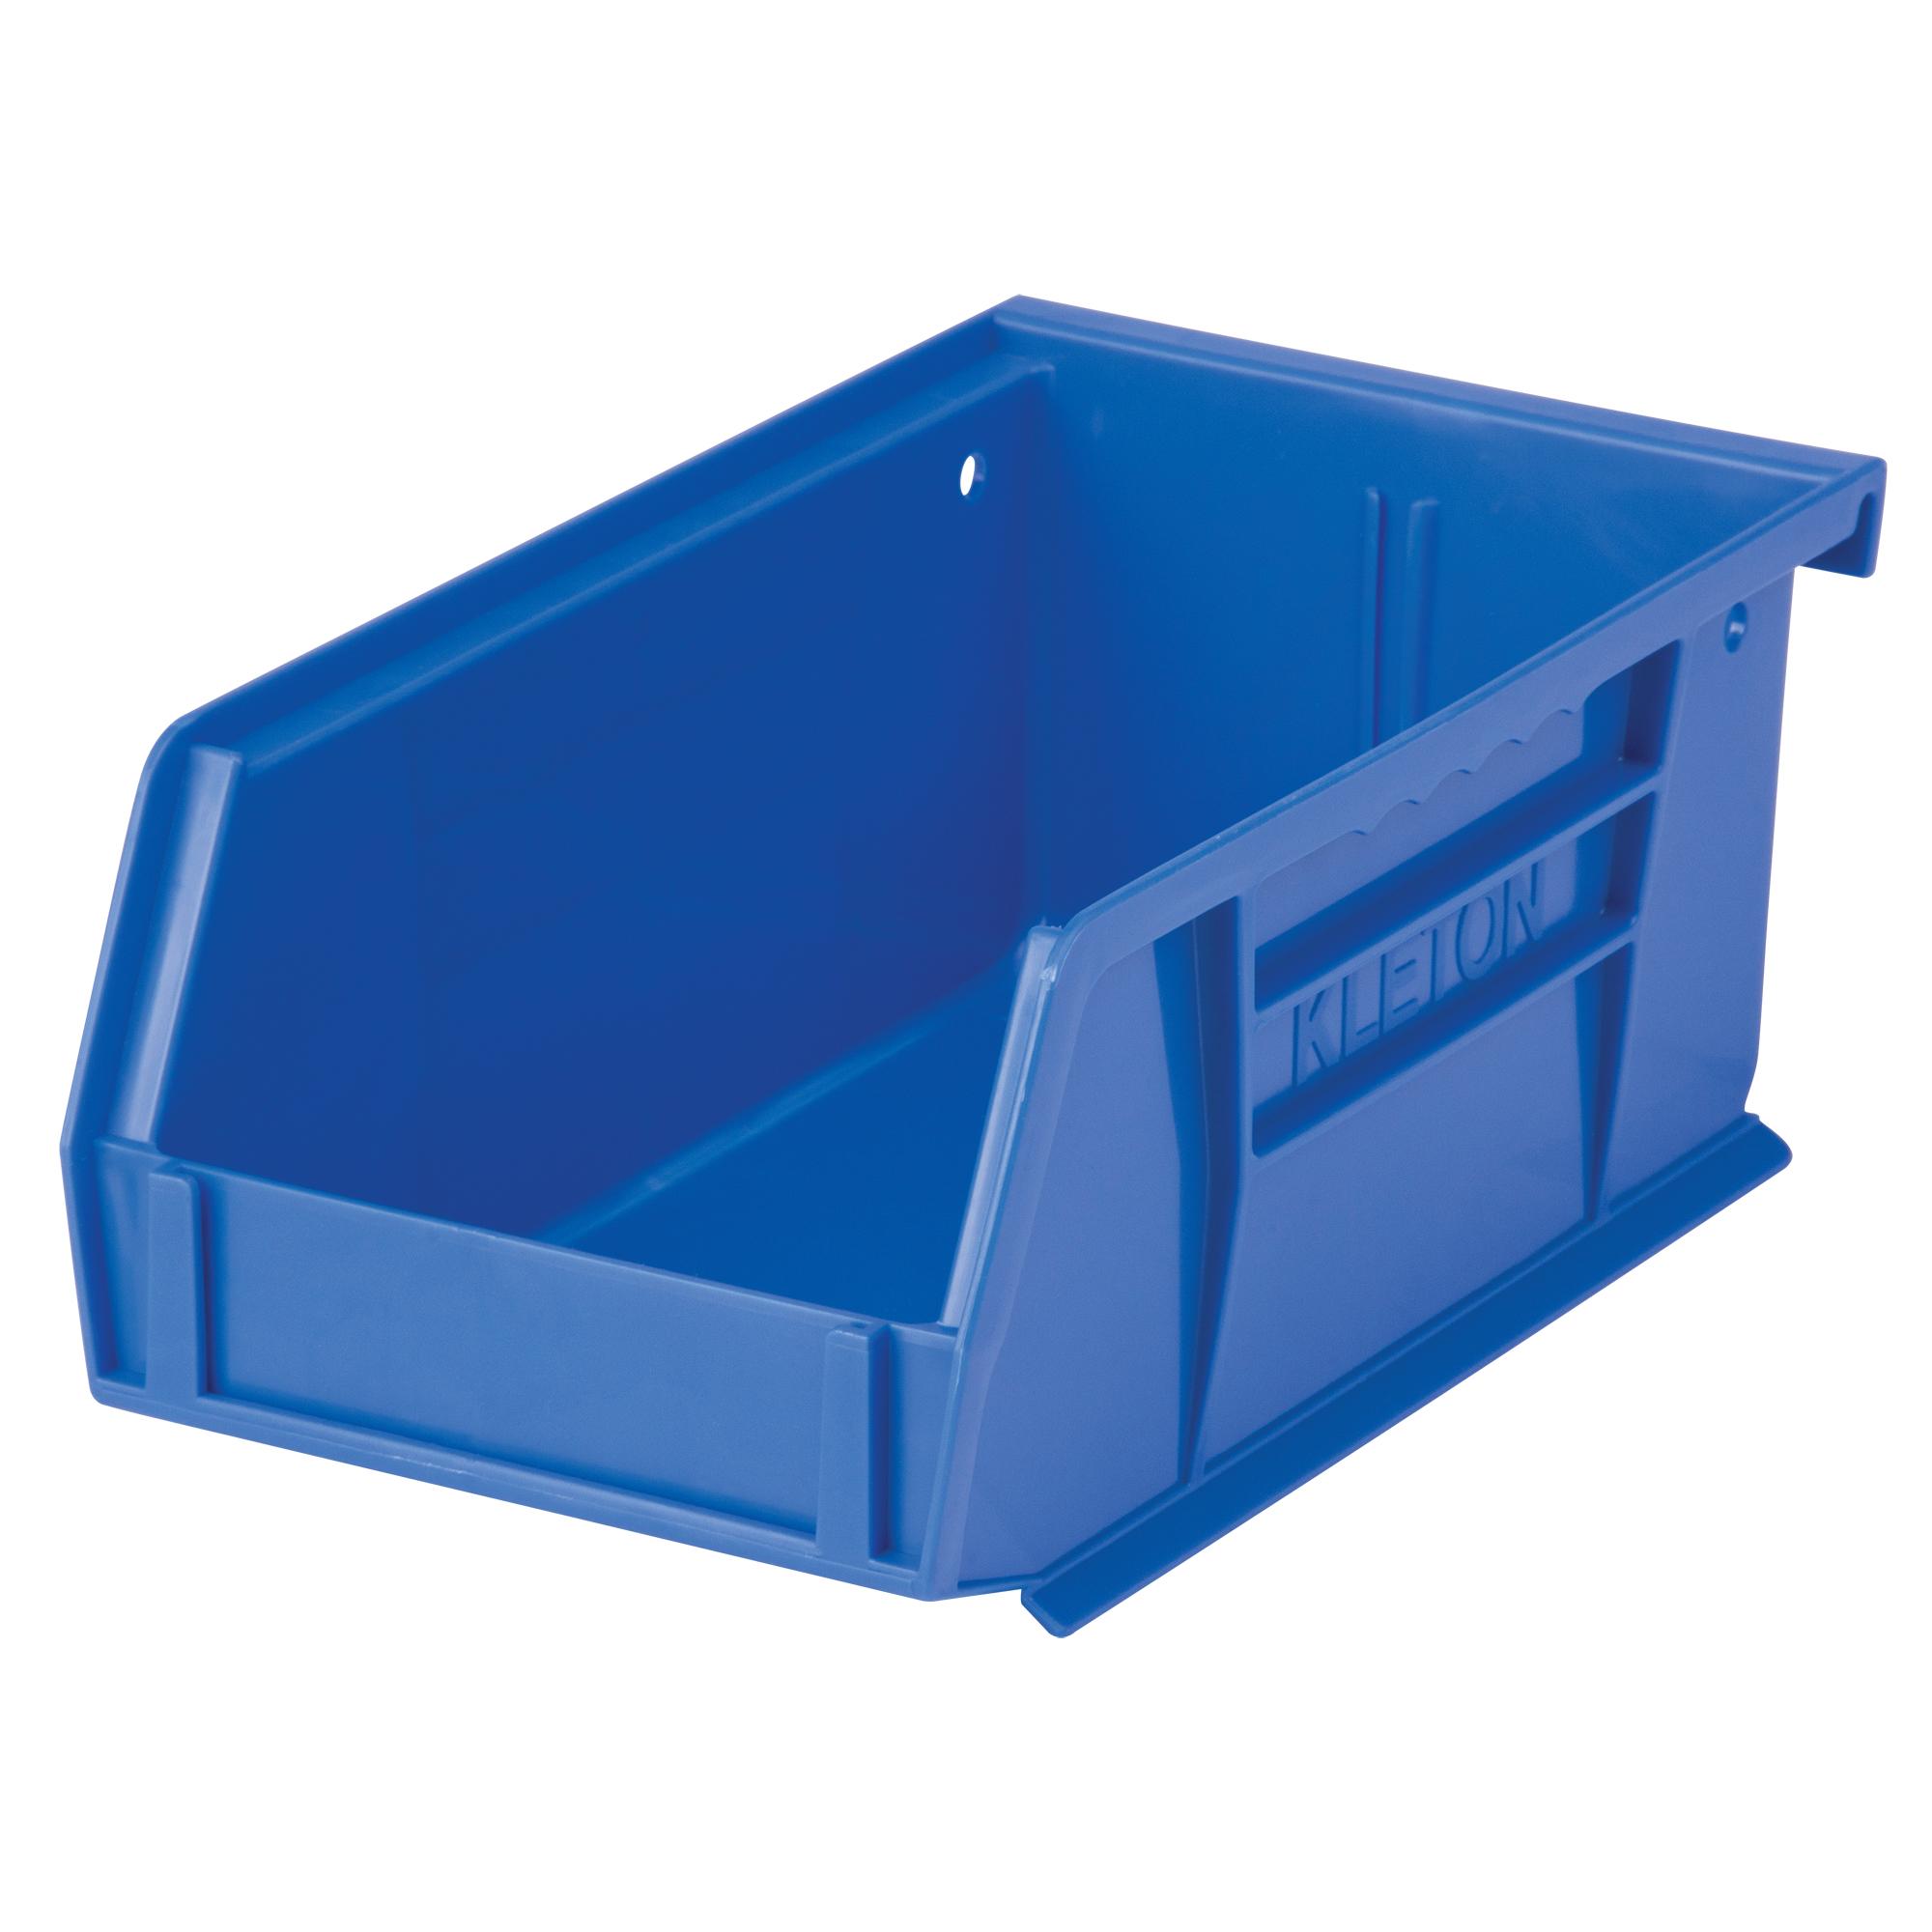 """Kleton Stack & Hang Bin, 4-1/8"""" W x 3"""" H x 7-3/8"""" D, Blue"""